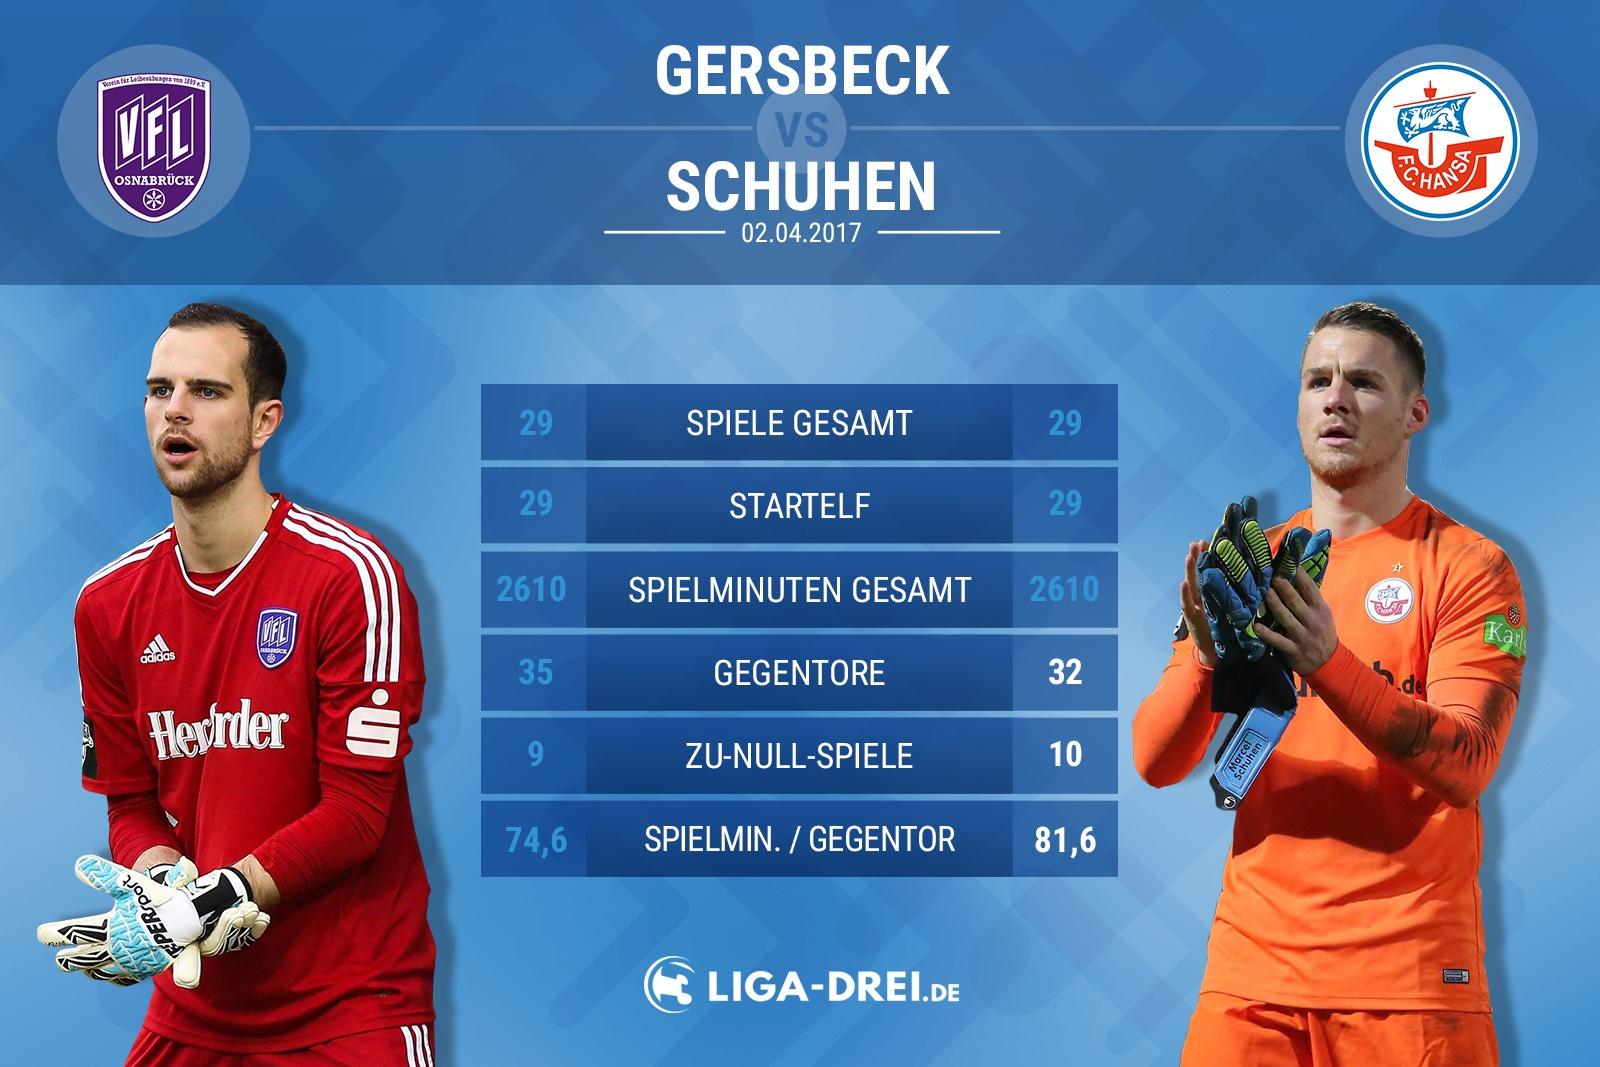 Spielervergleich von Gersbeck & Schuhen